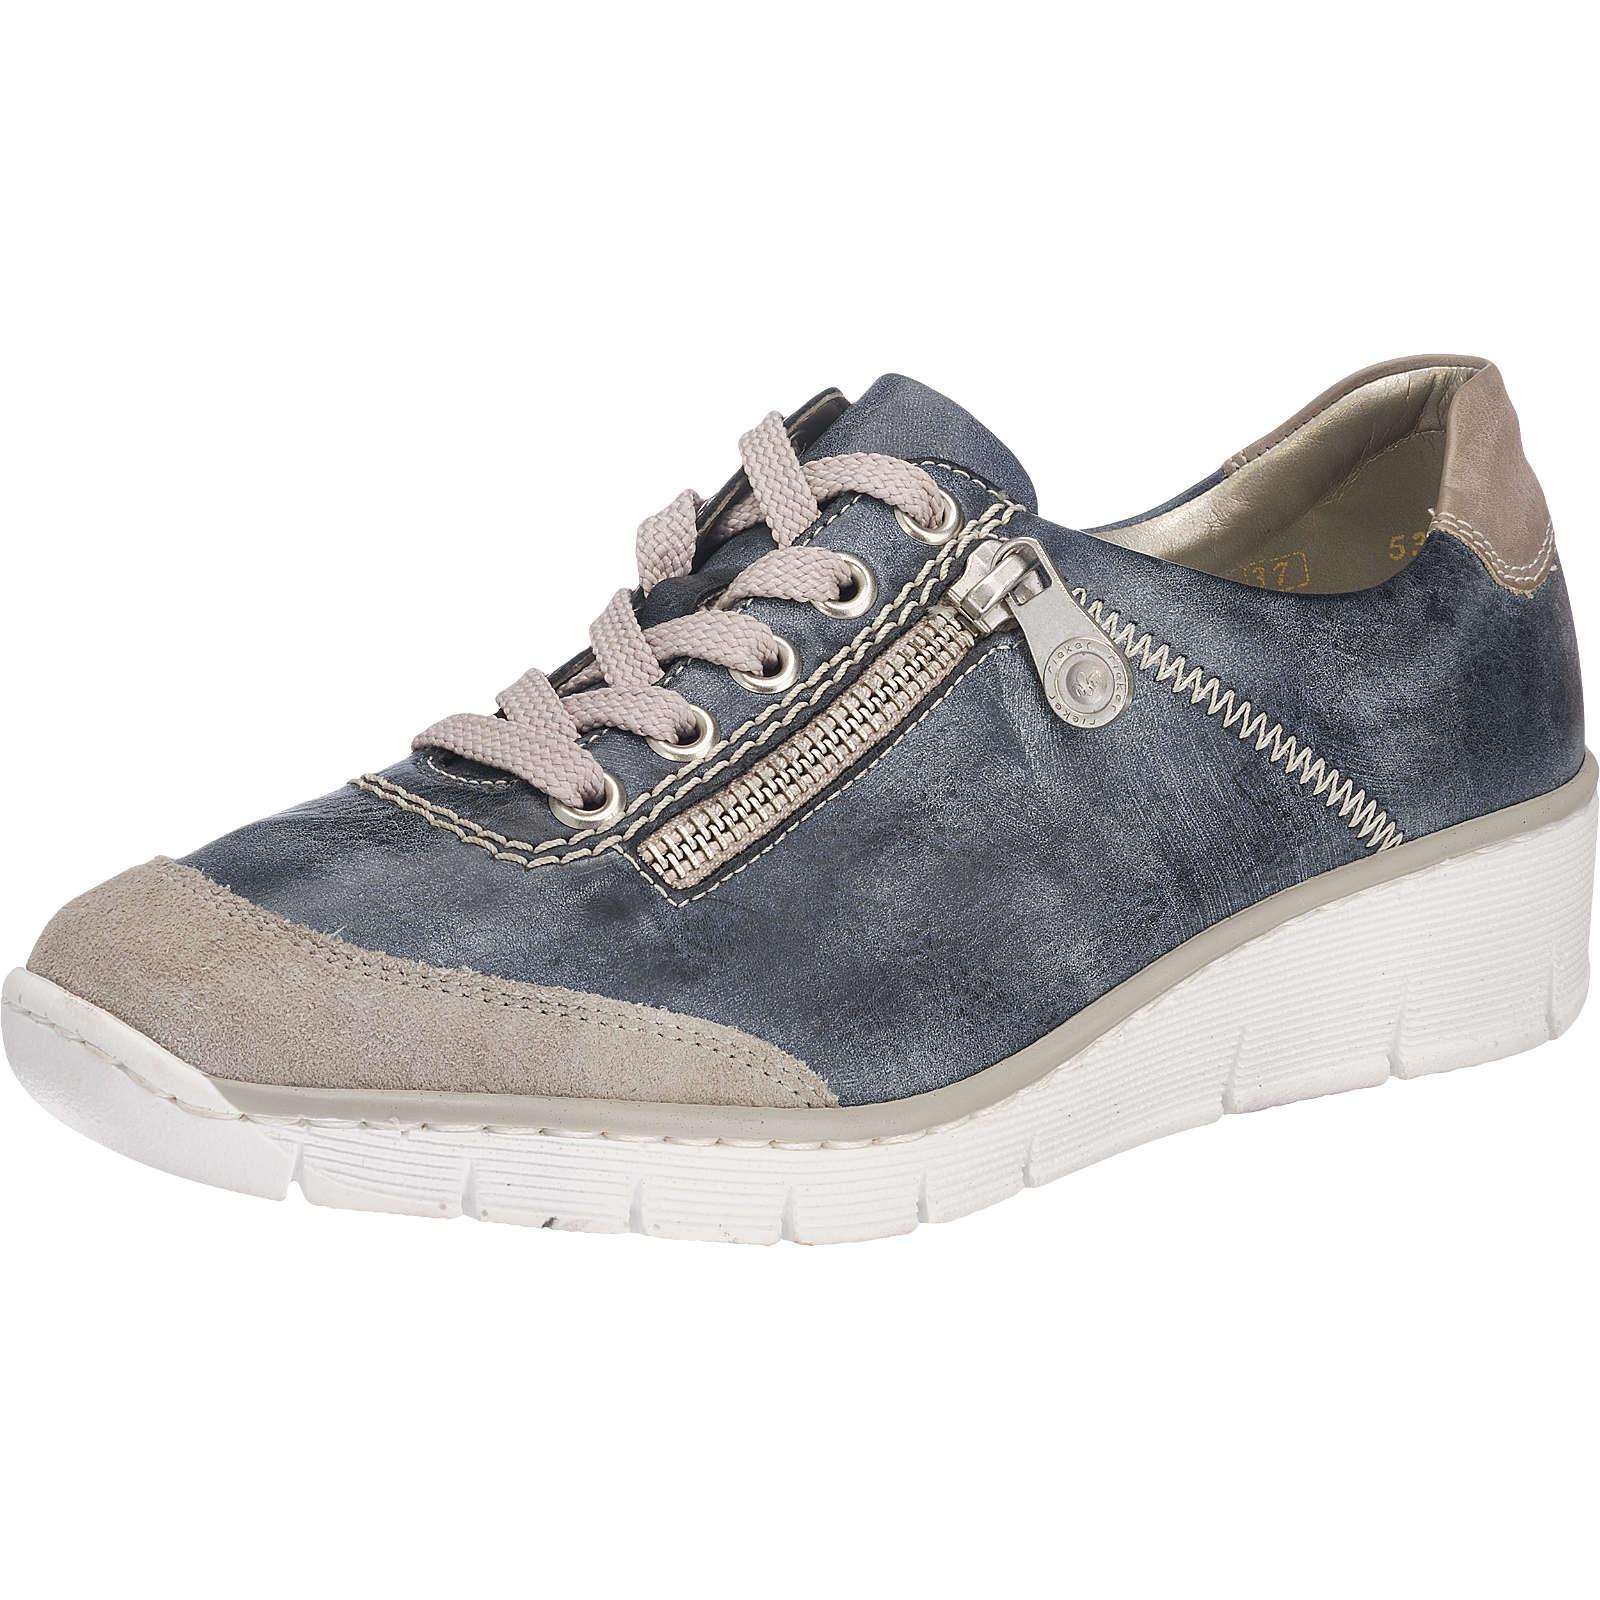 rieker Sneakers blau-kombi Damen Gr. 38